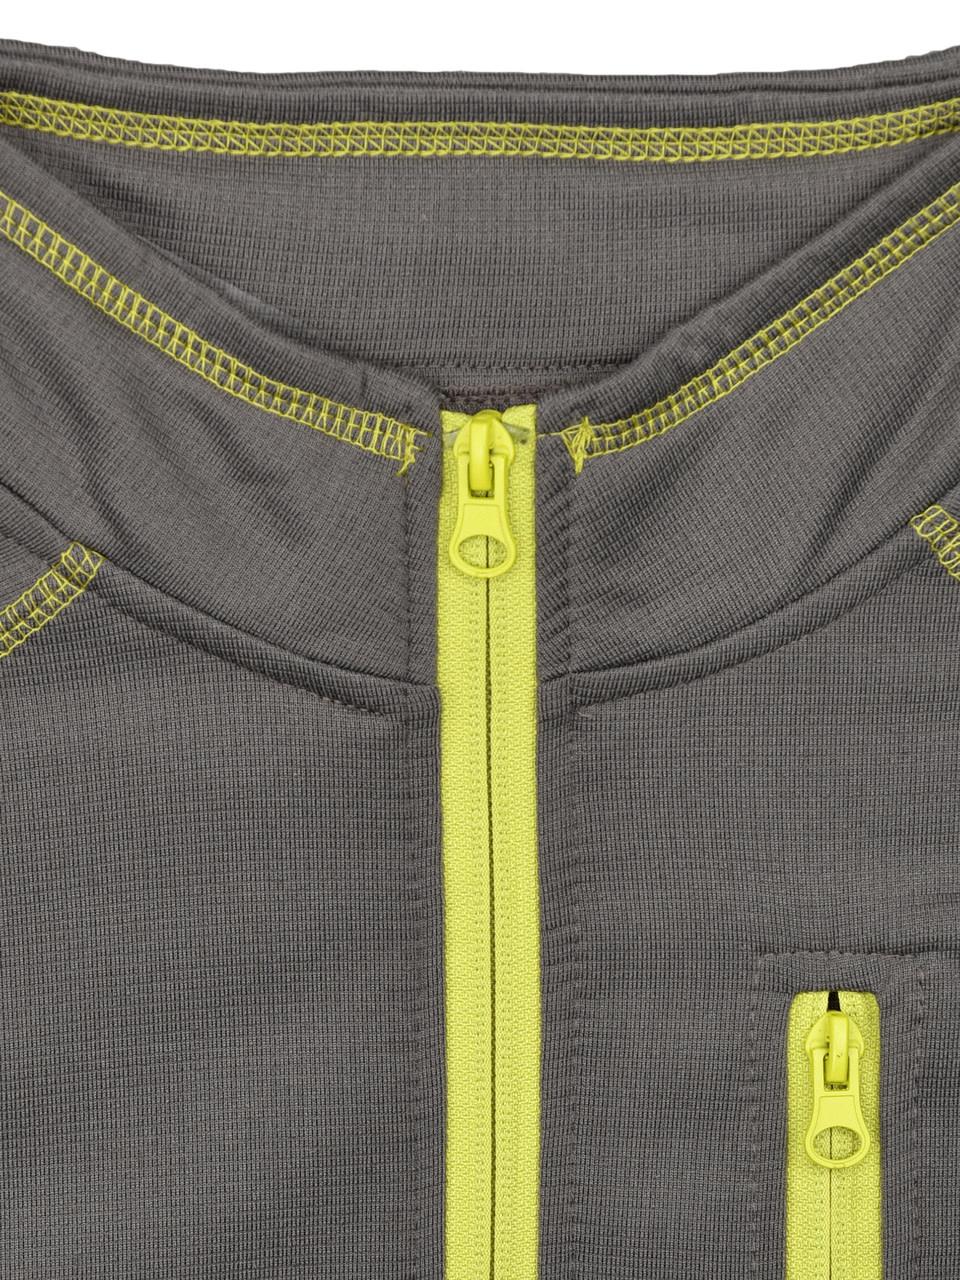 Ducks Unlimited 1/4 Zip Mini-Grid